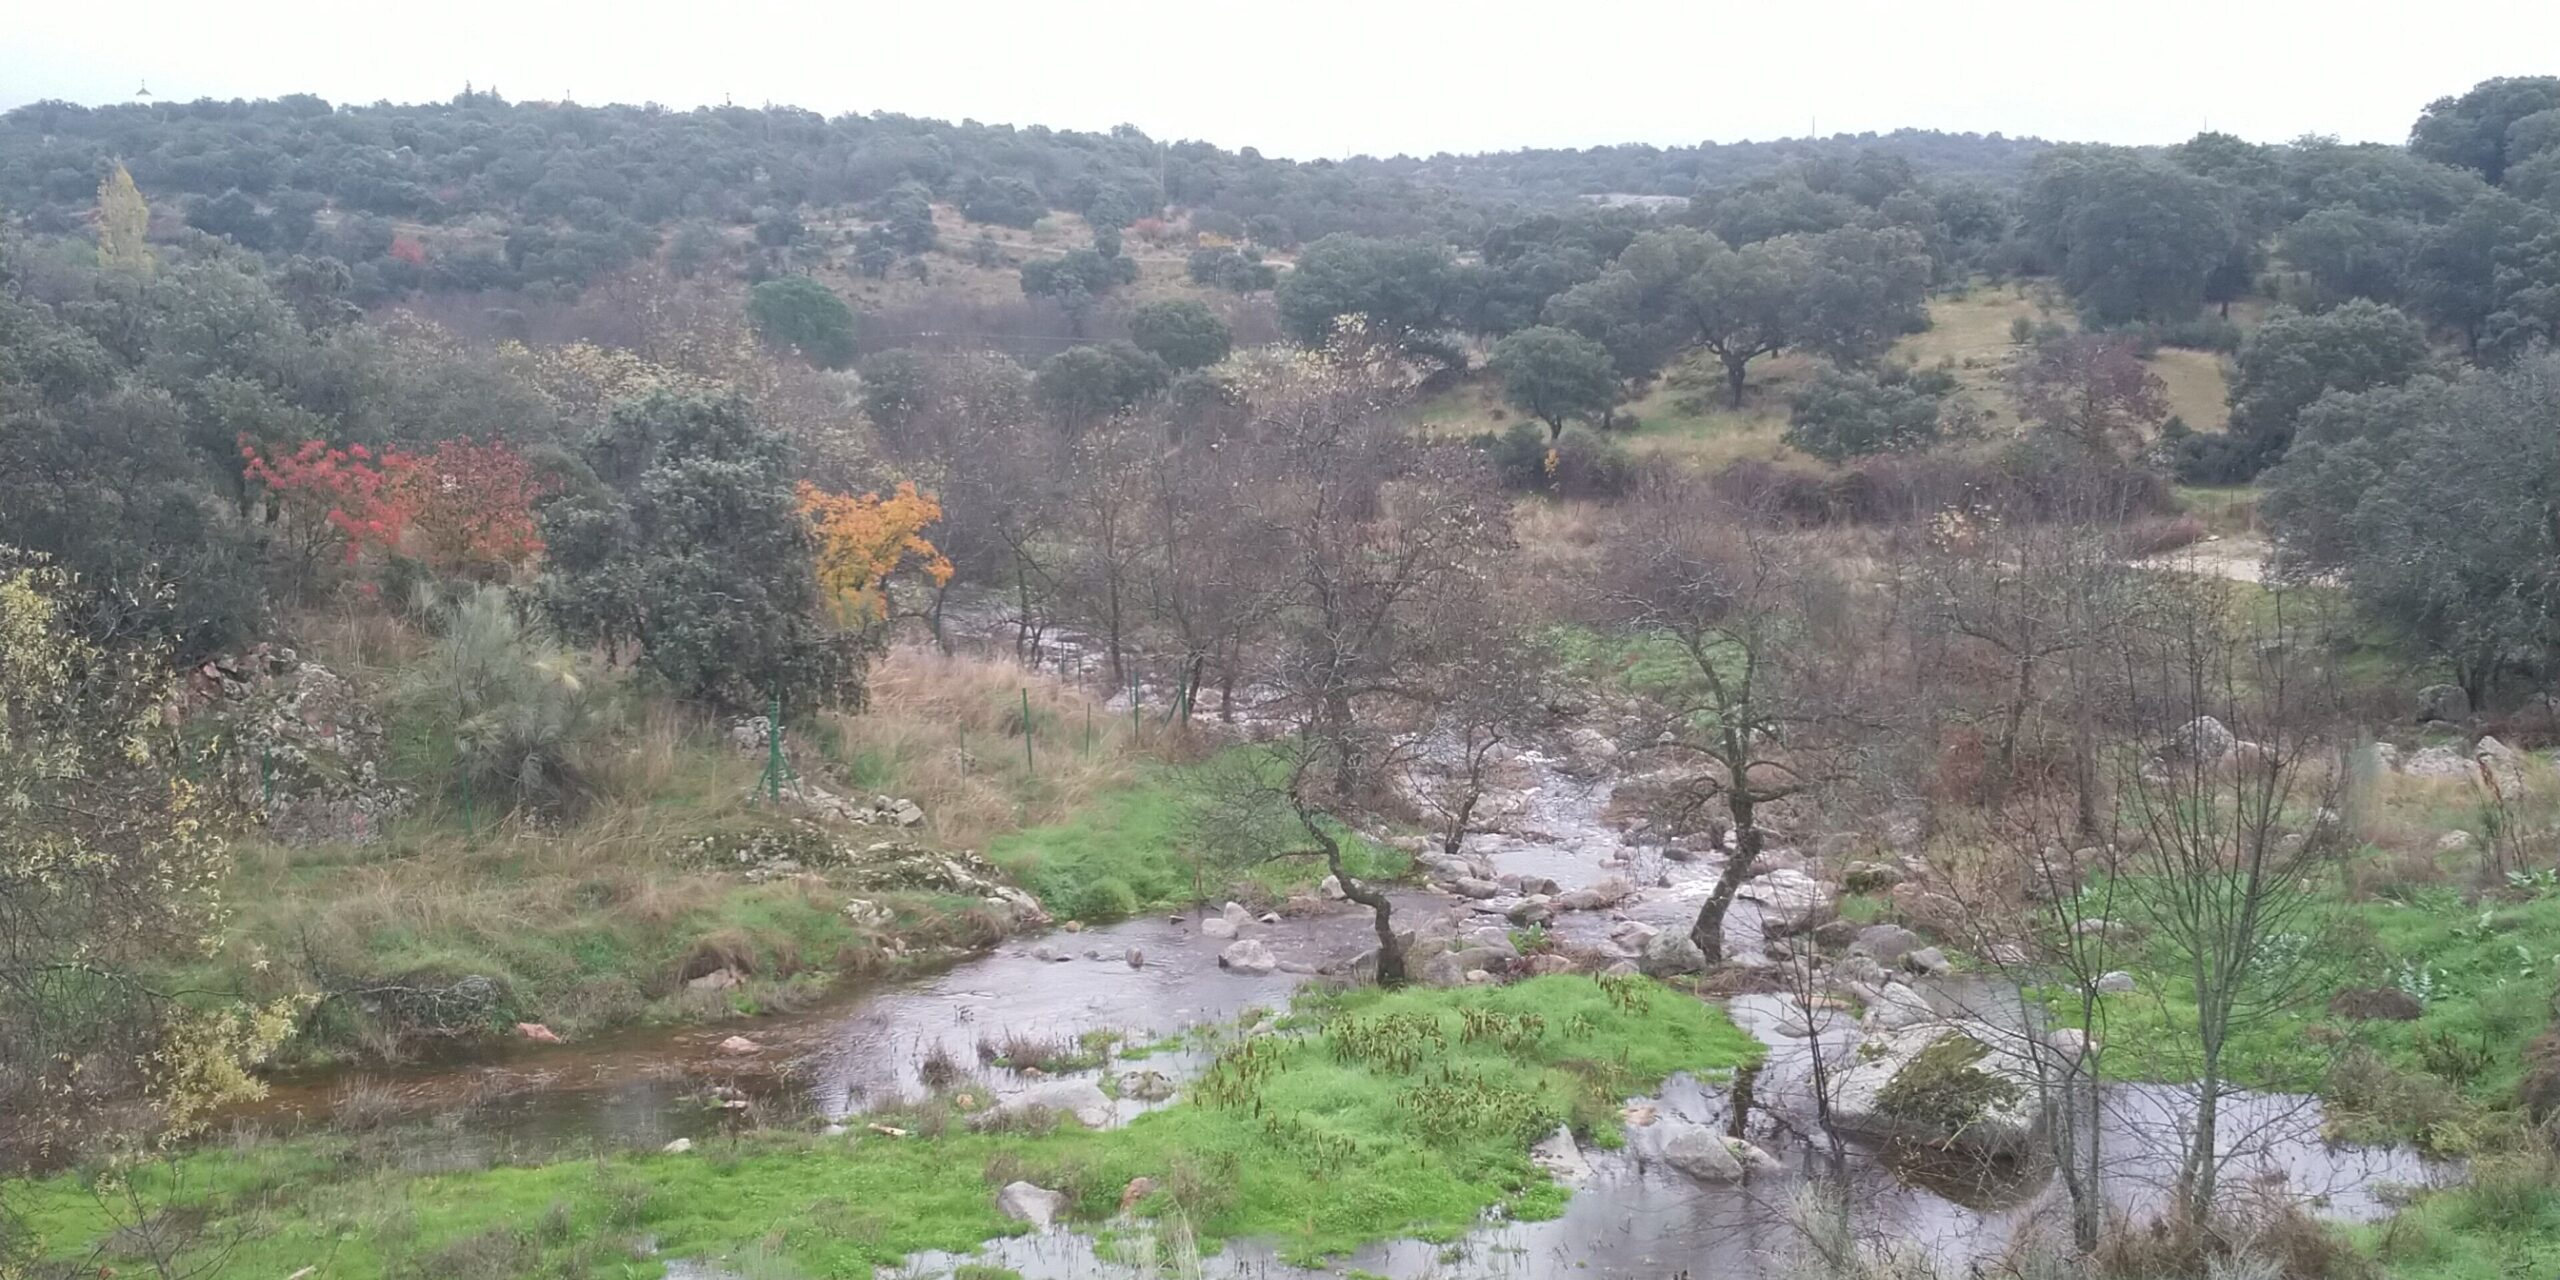 Senda ecológica de los Molinos del río Perales 1